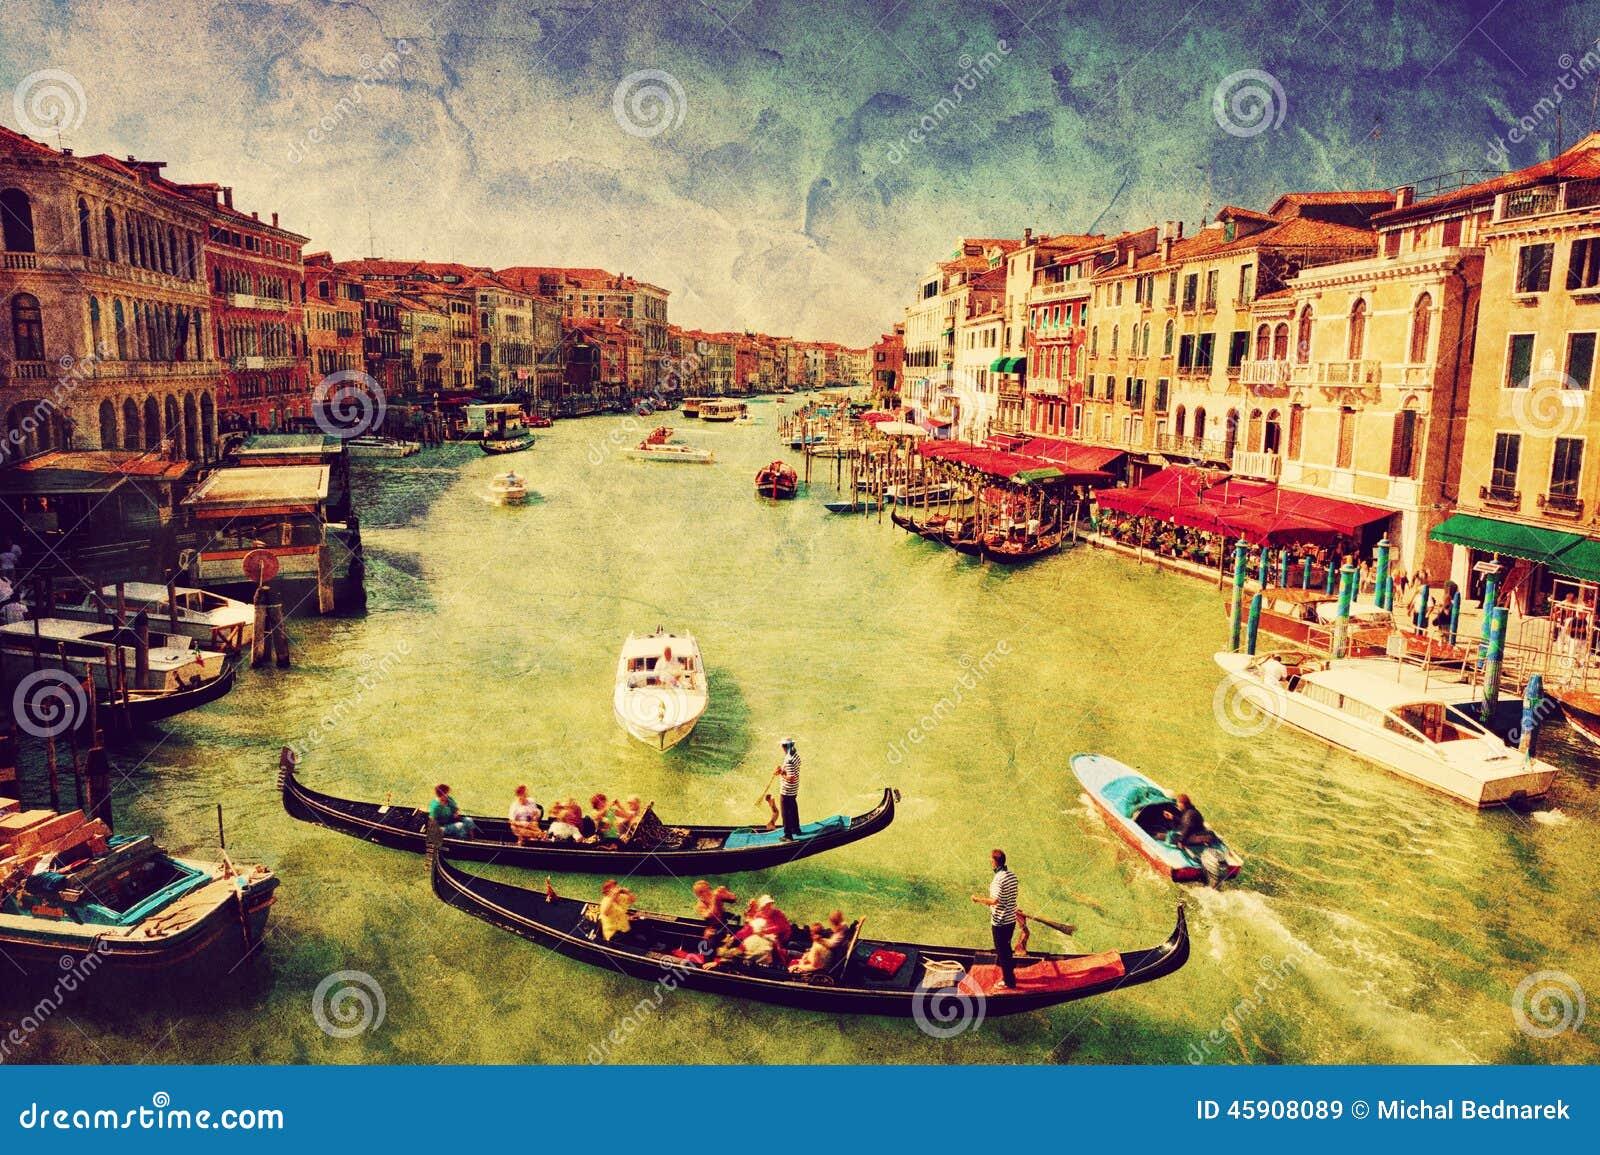 Italy venice kanalgondoltusen dollar Tappningkonst